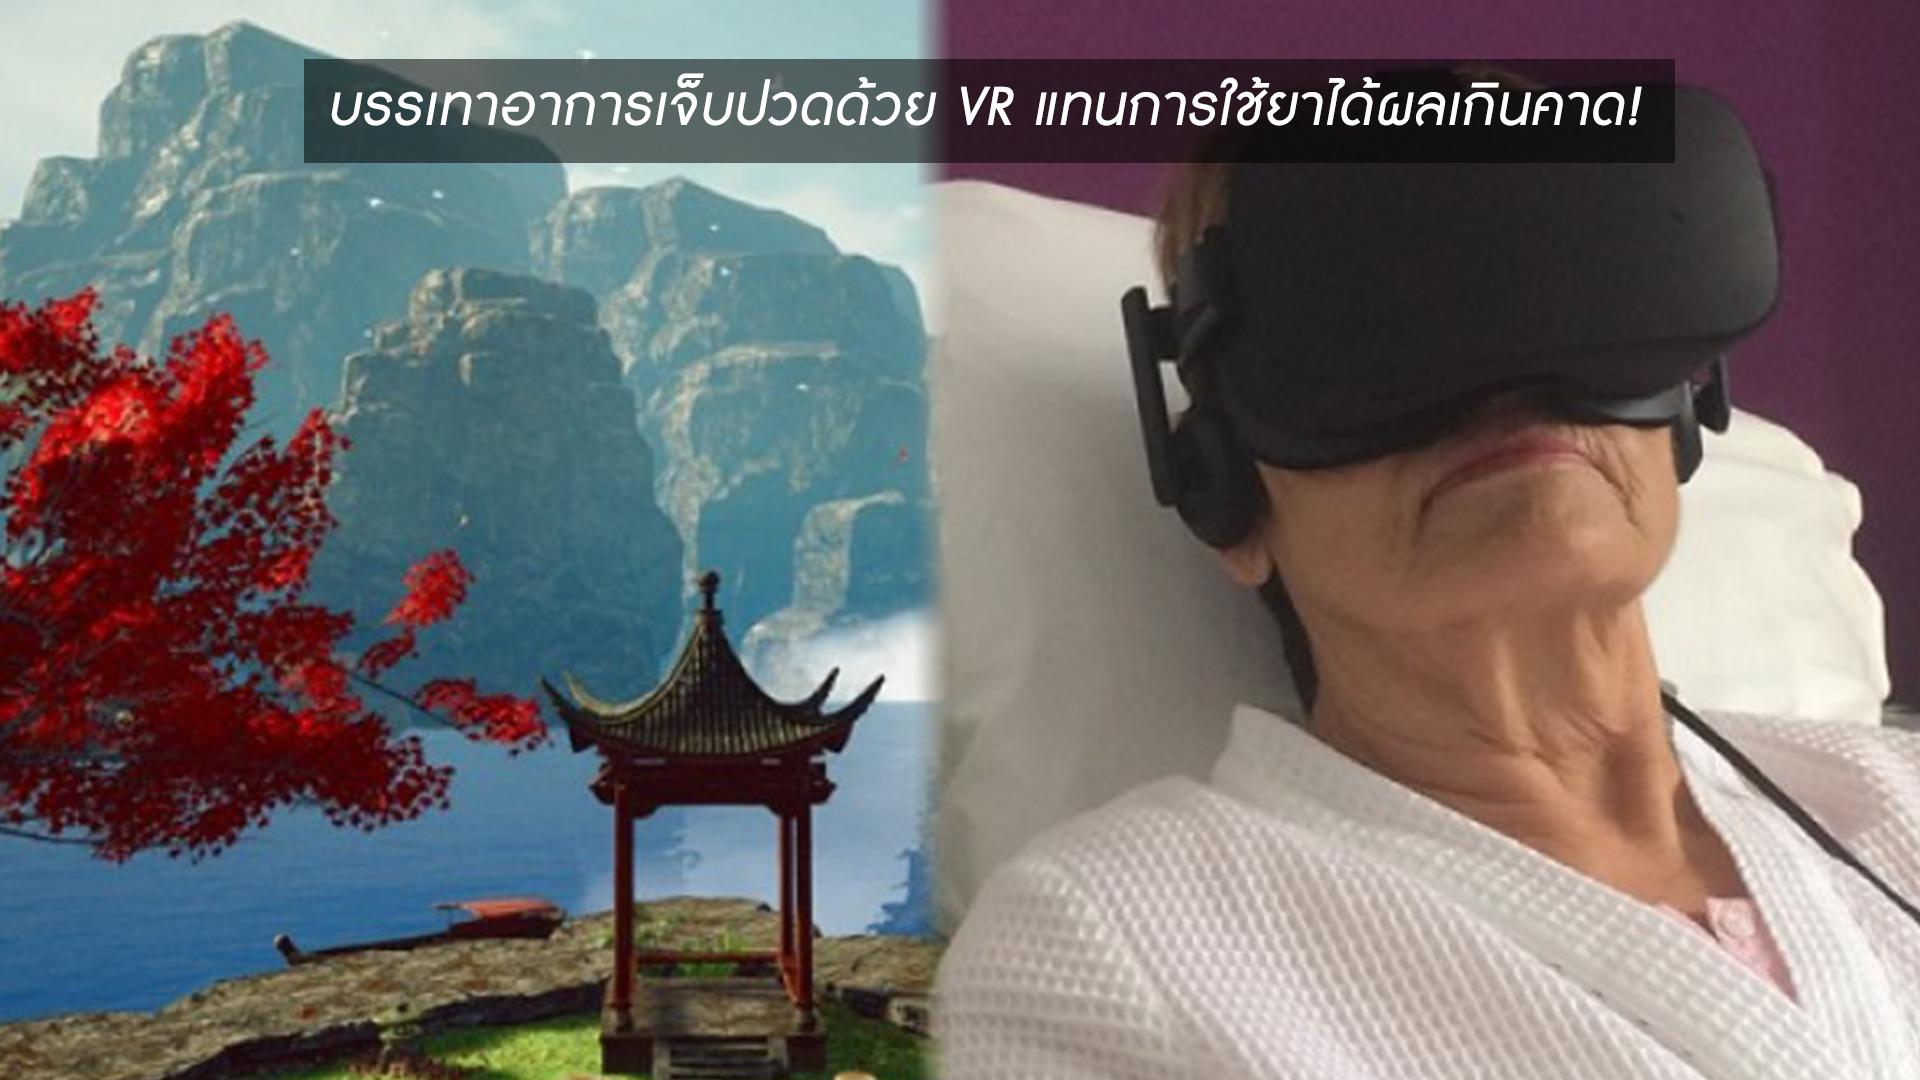 บรรเทาอาการเจ็บปวดด้วย VR แทนการใช้ยาได้ผลเกินคาด!